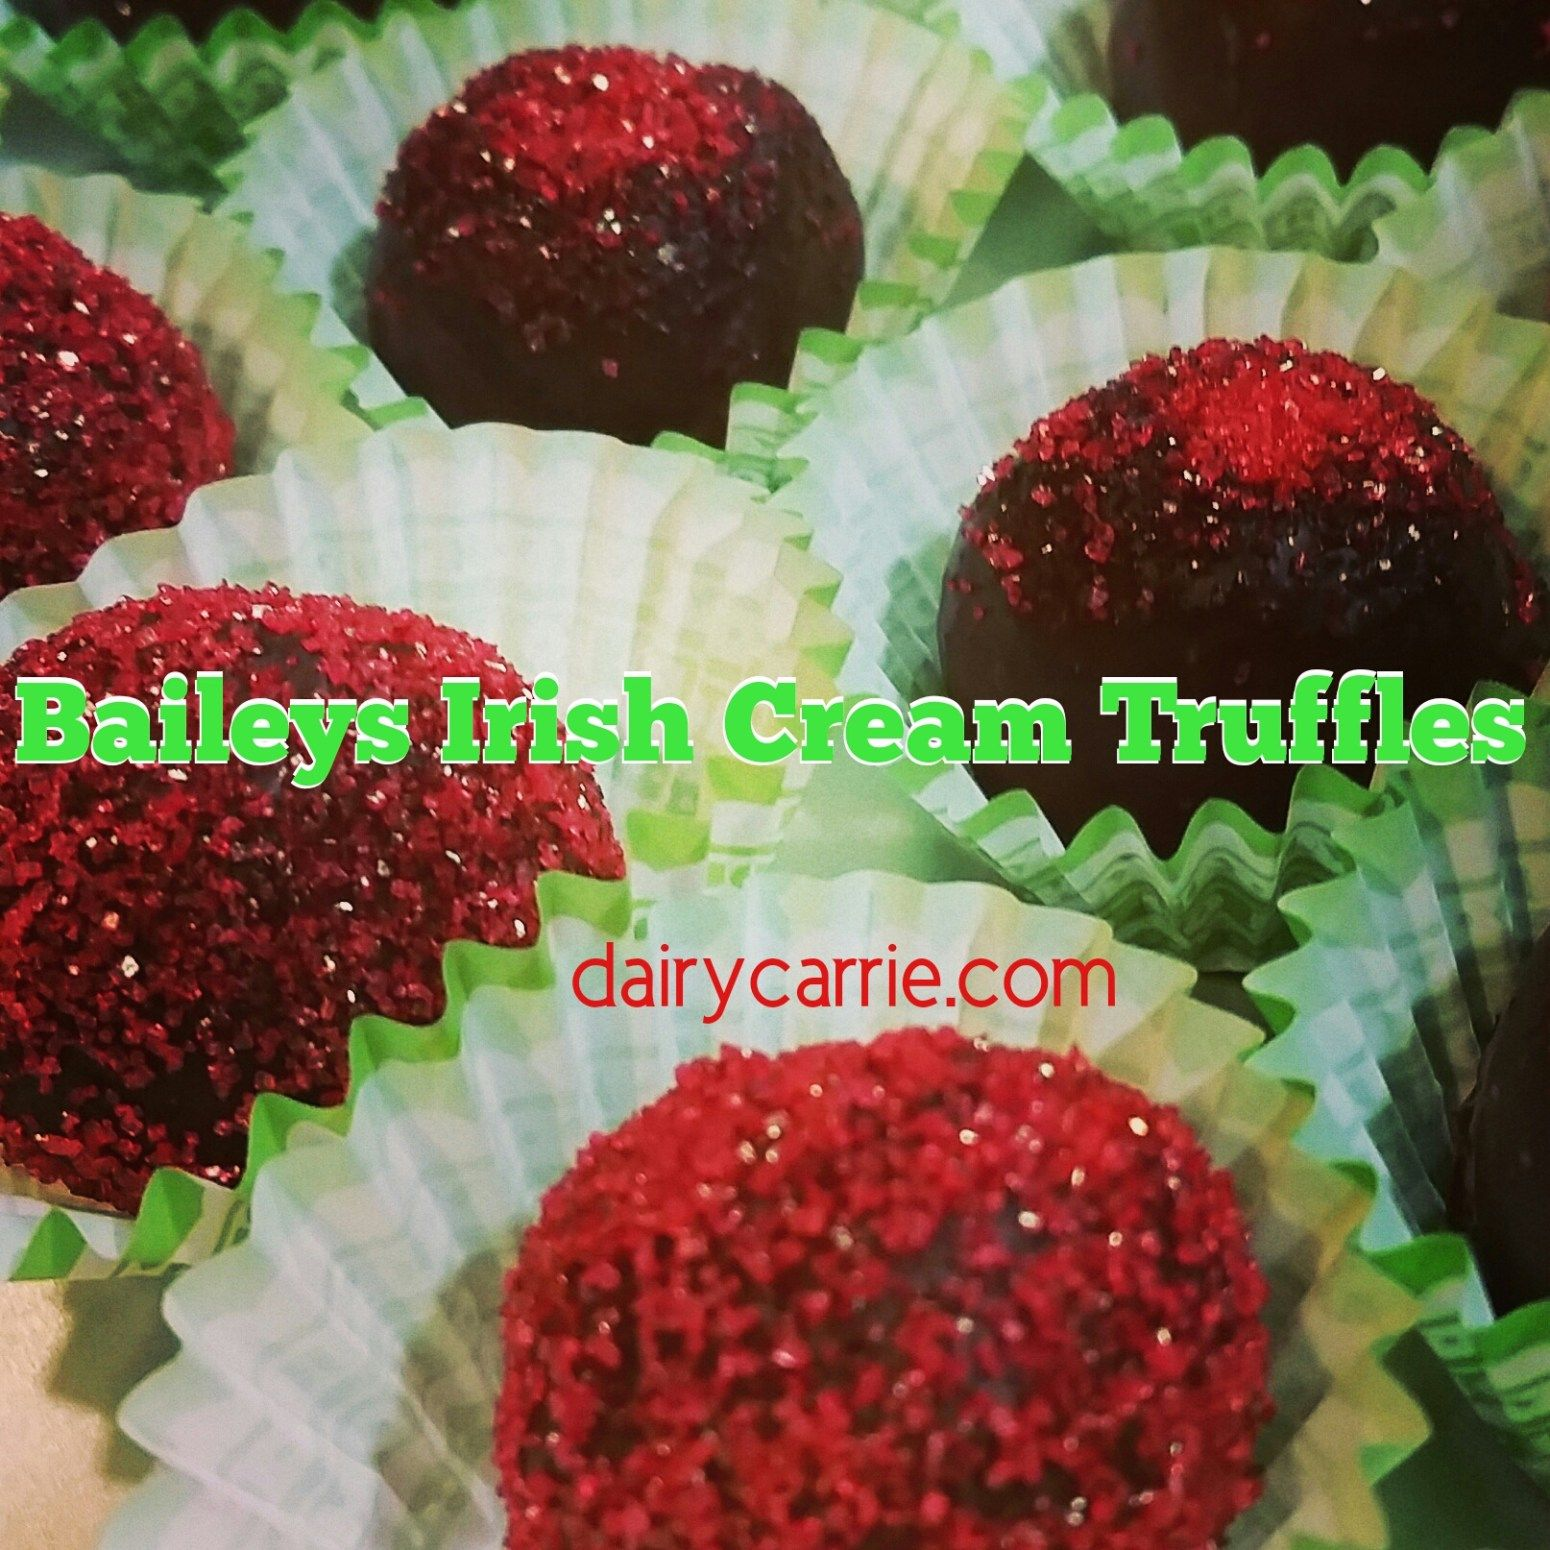 Park Art|My WordPress Blog_Baileys Irish Cream Gift Box